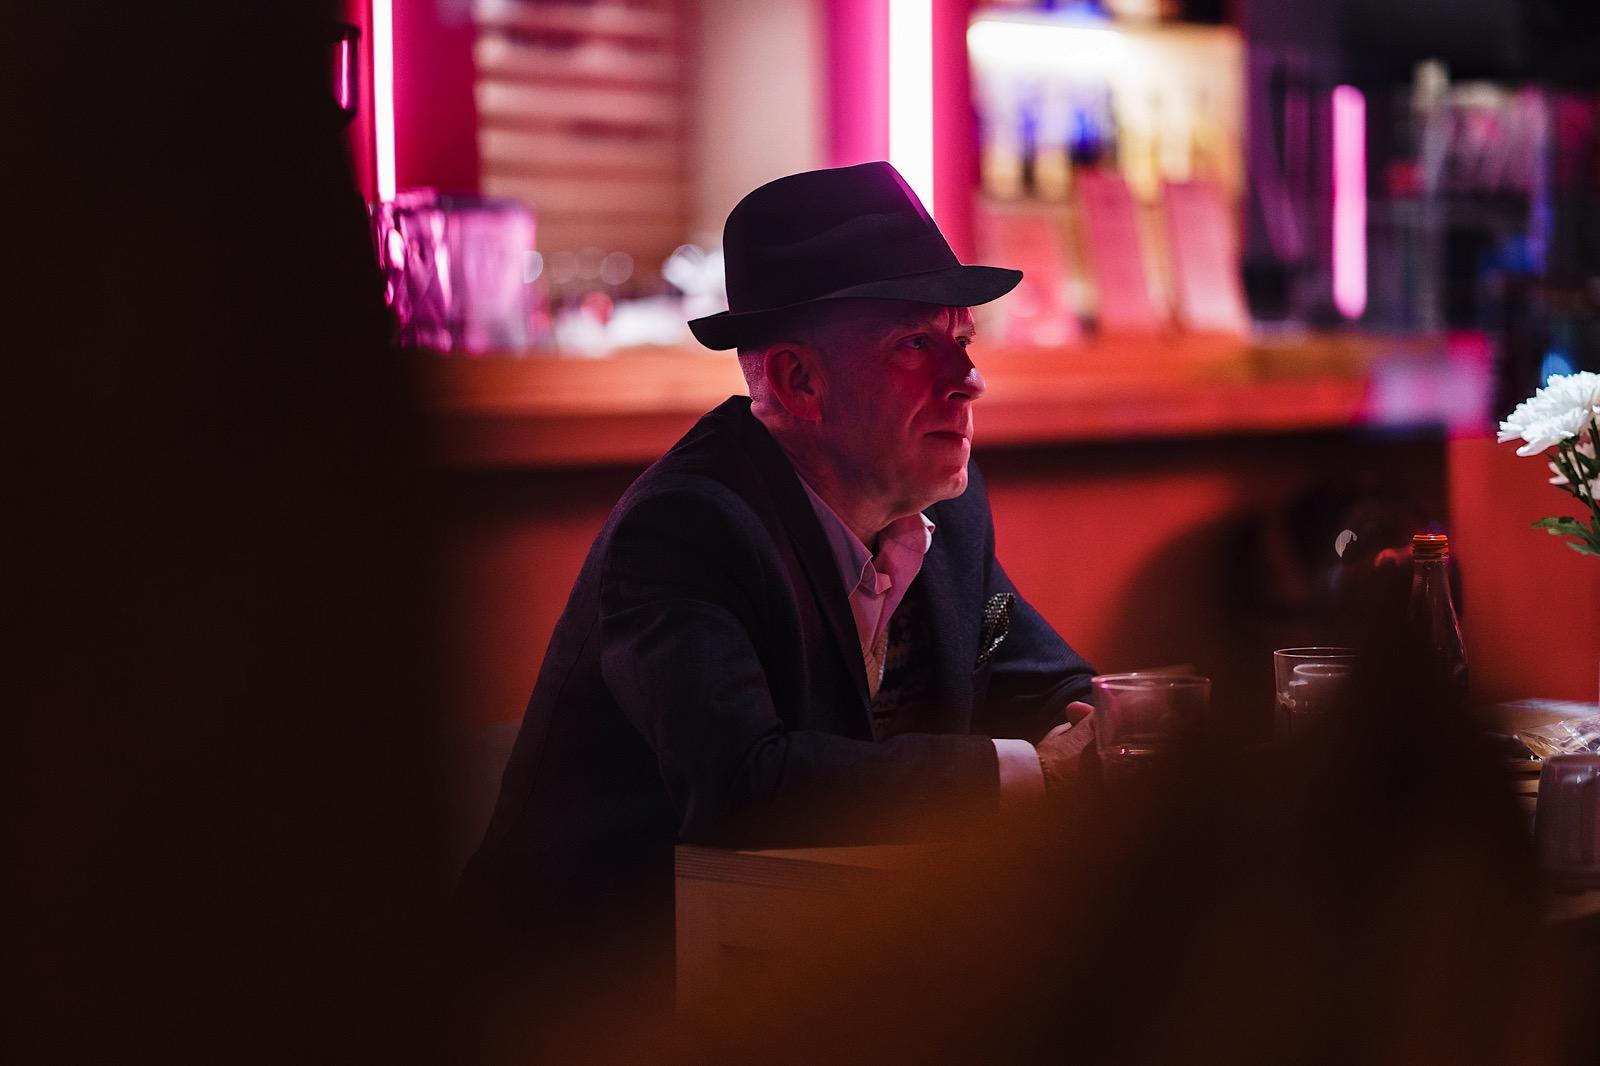 Man wearing hard sat at a table eating